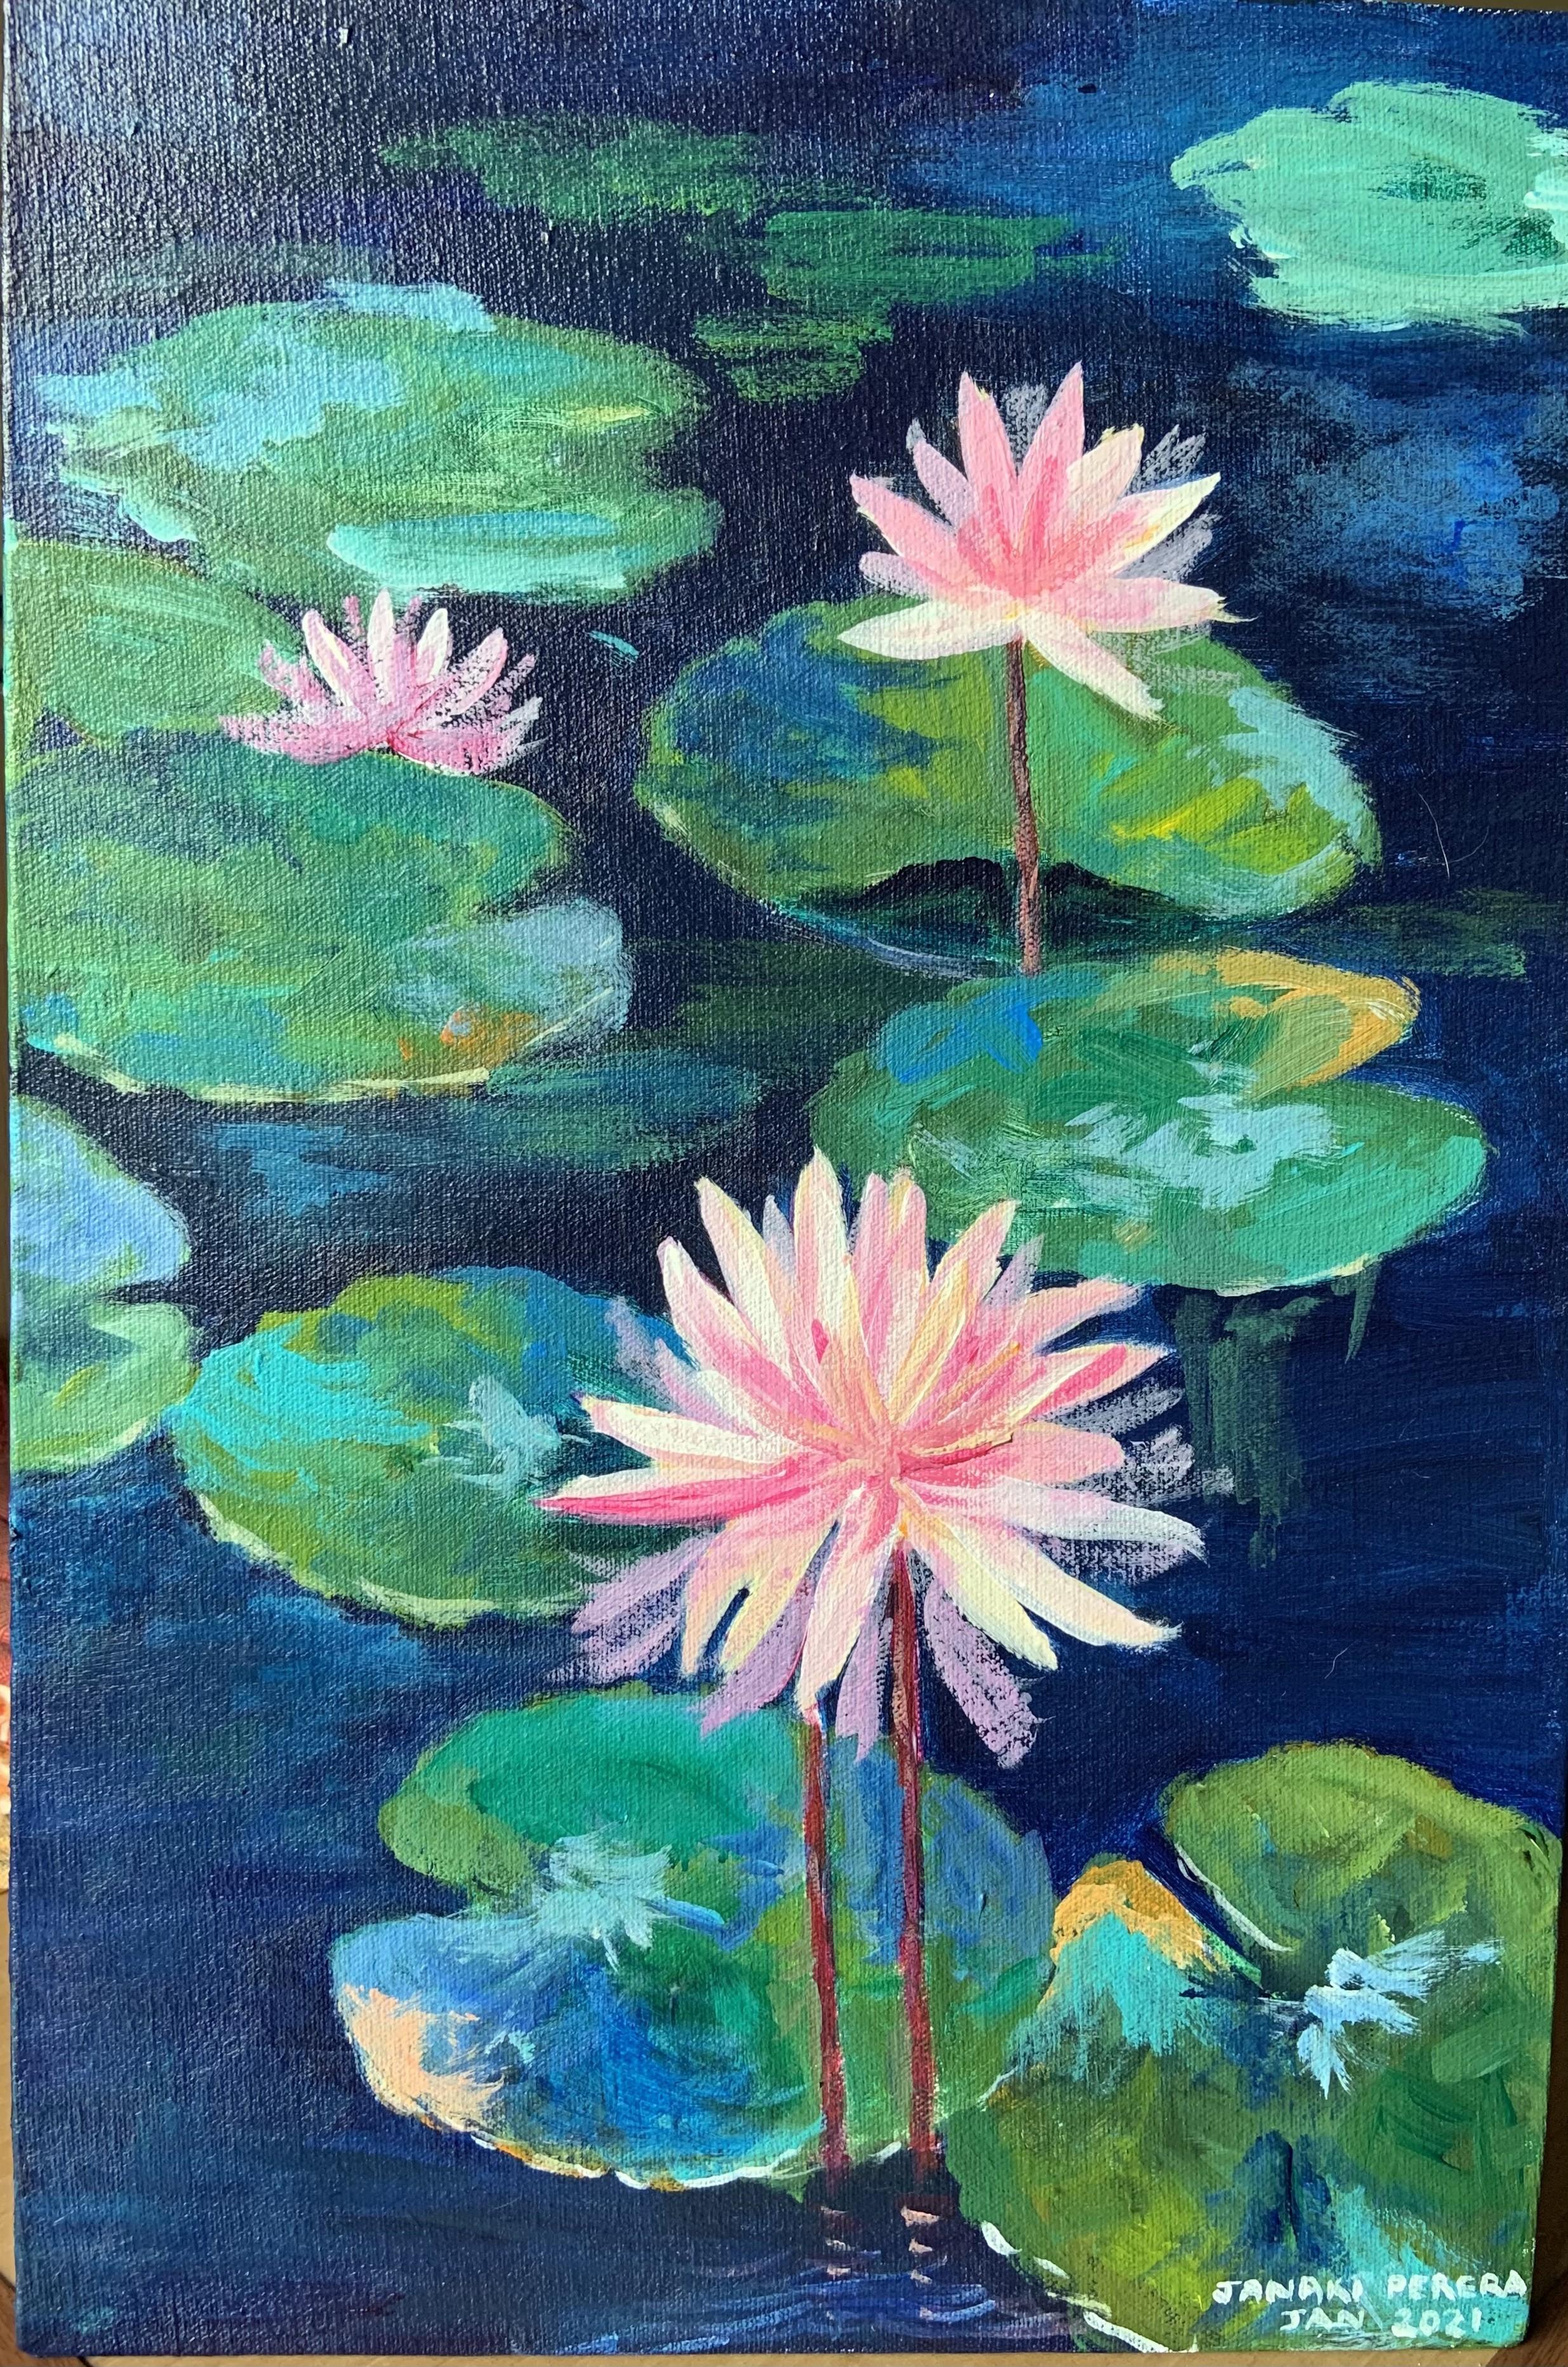 Lotuses, Sri Lanka by Janaki Perera